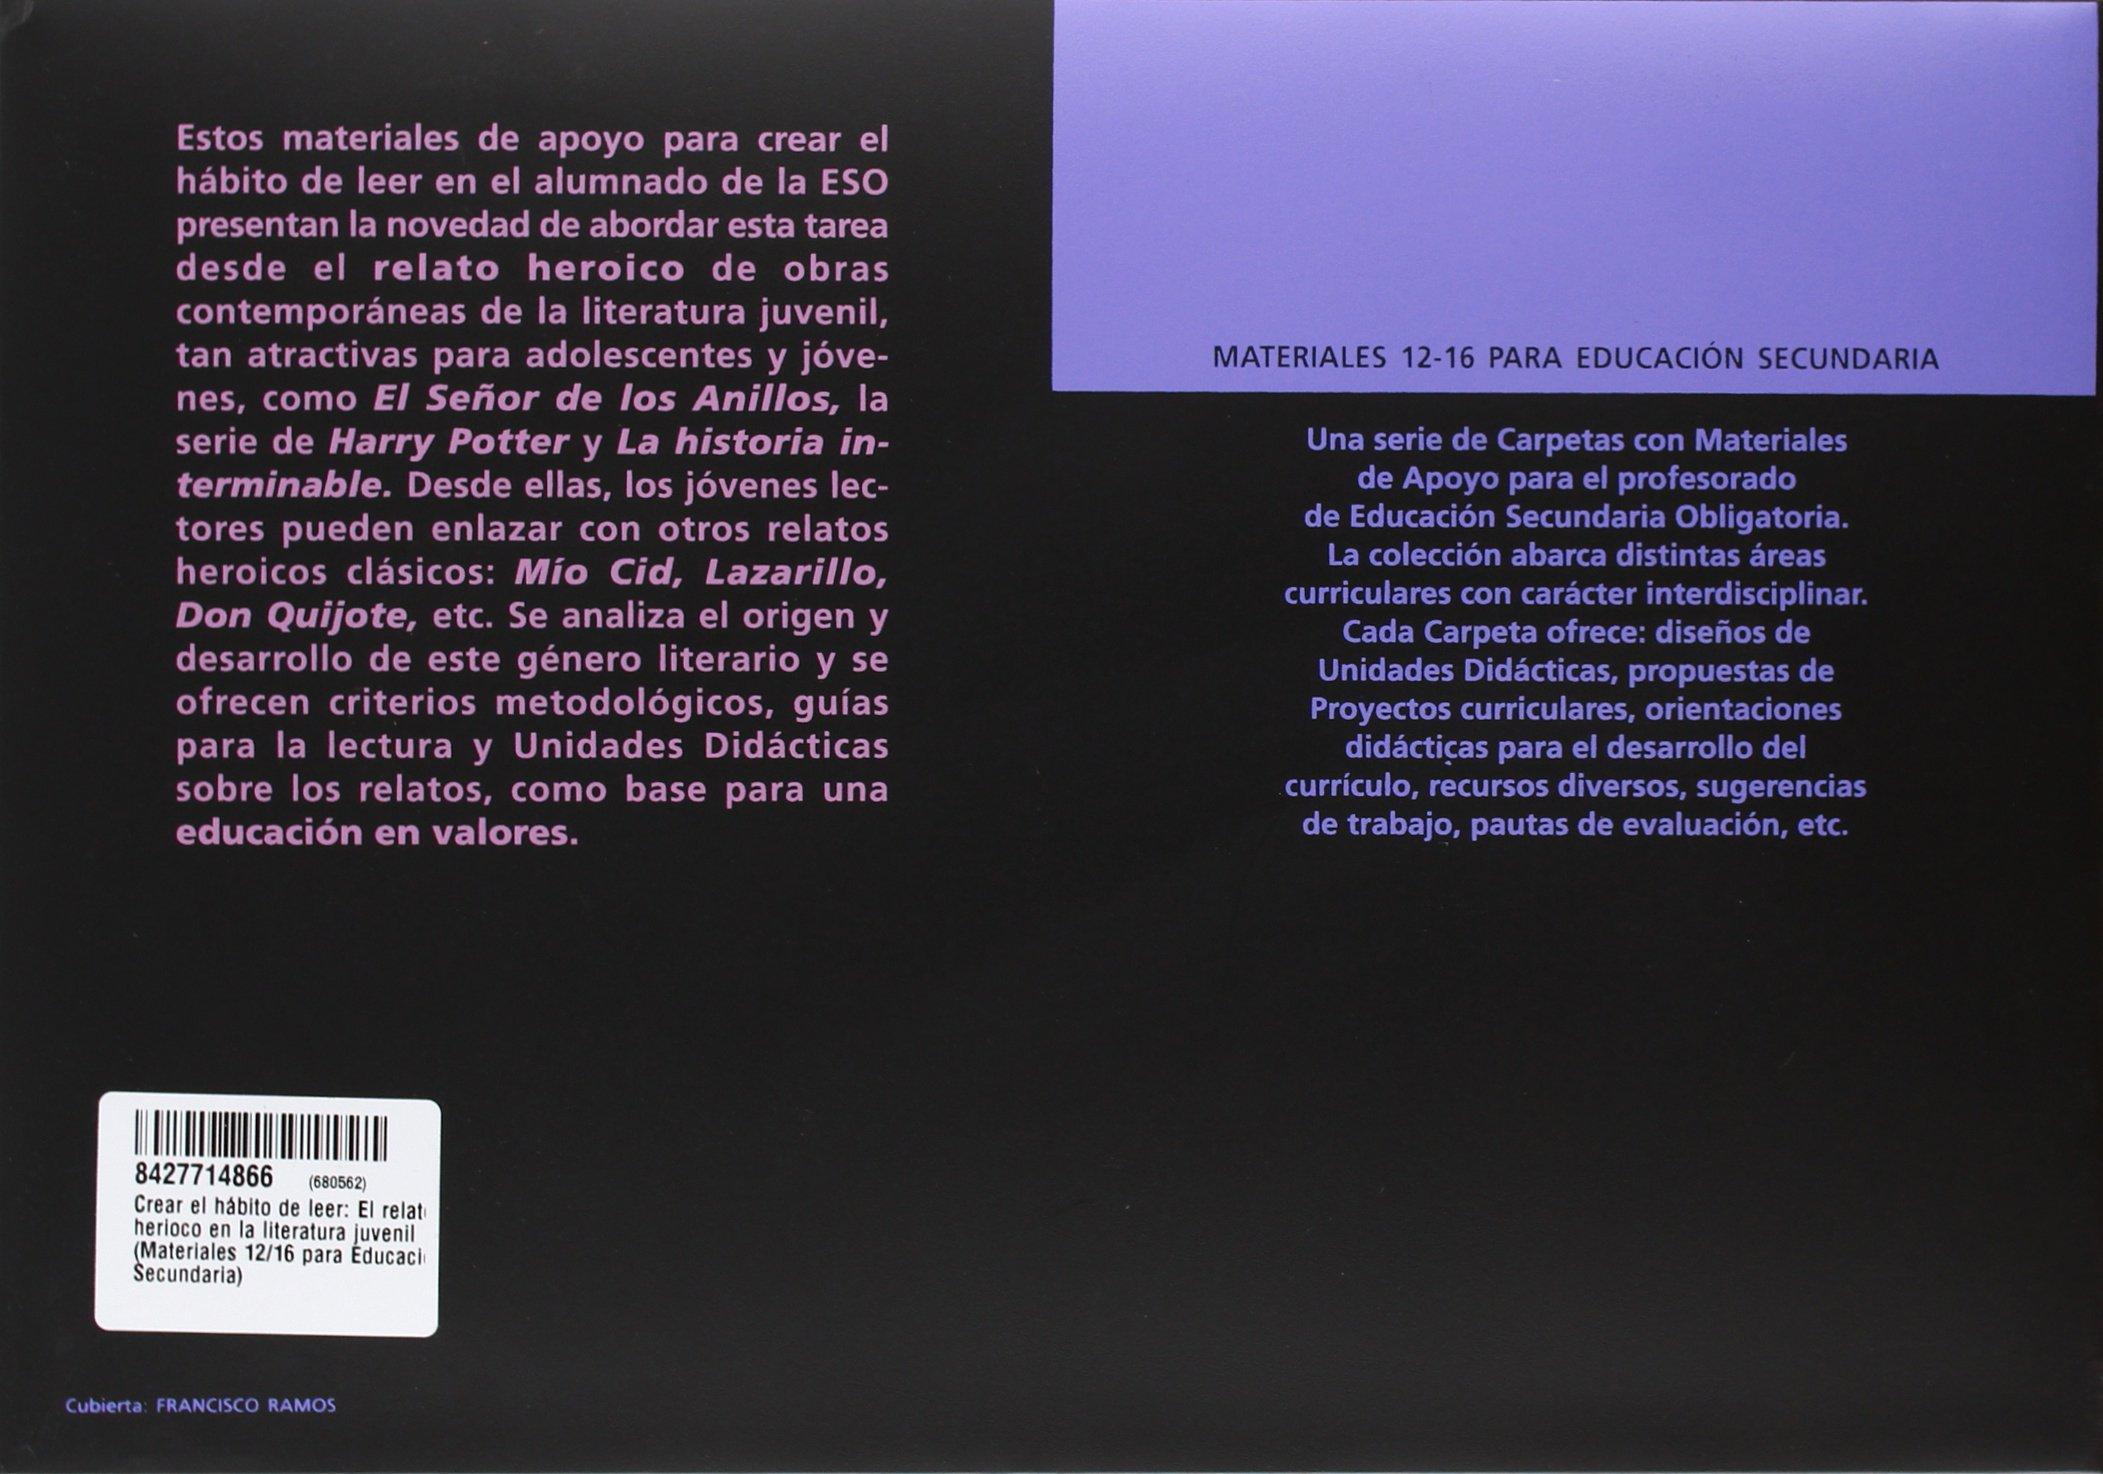 CREAR EL HABITO DE LEER EL RELATO HEROICO EN LA LITERATURA JUVENIL: GALLARDO ROMERO: 9788427714861: Amazon.com: Books